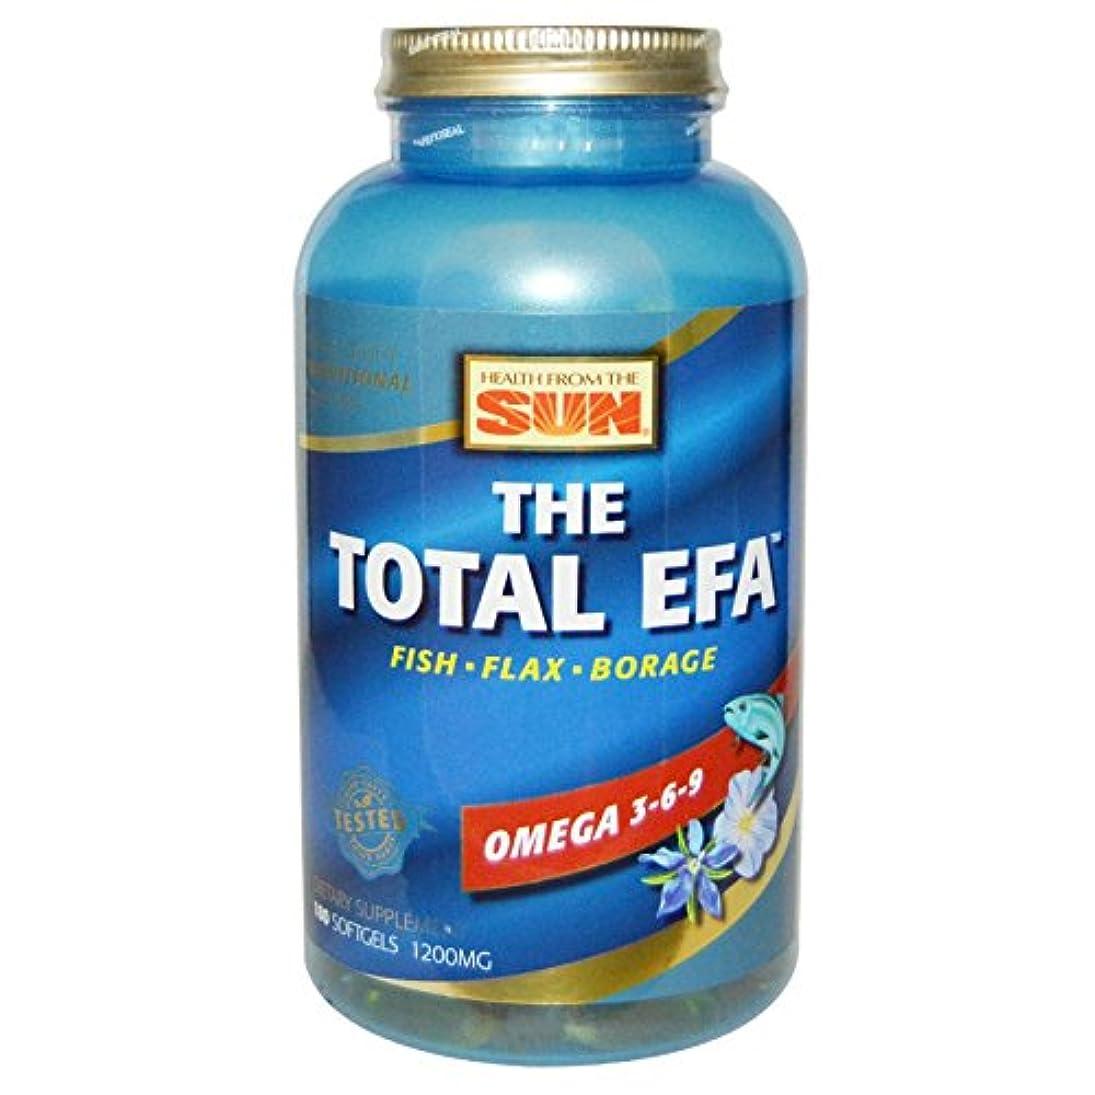 一般的な置換観光Total EFA   180 sgels  4個パック